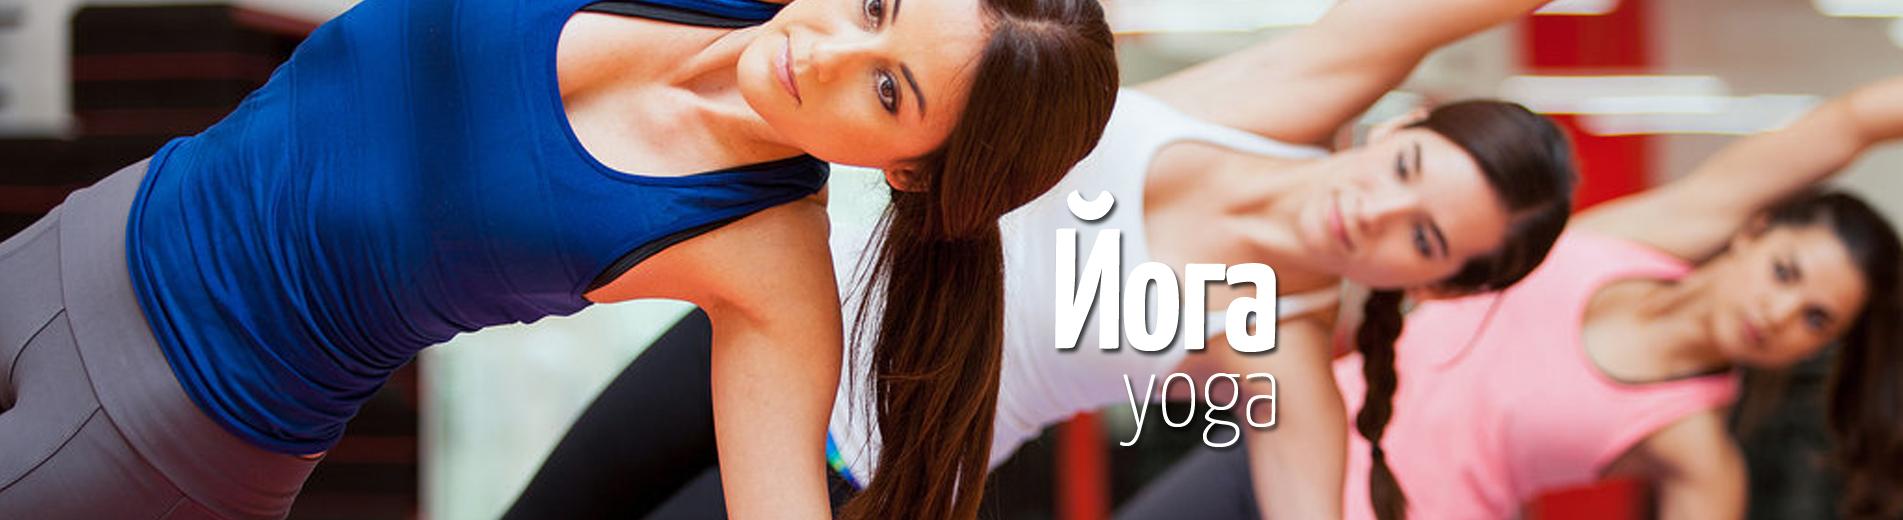 yoga-index